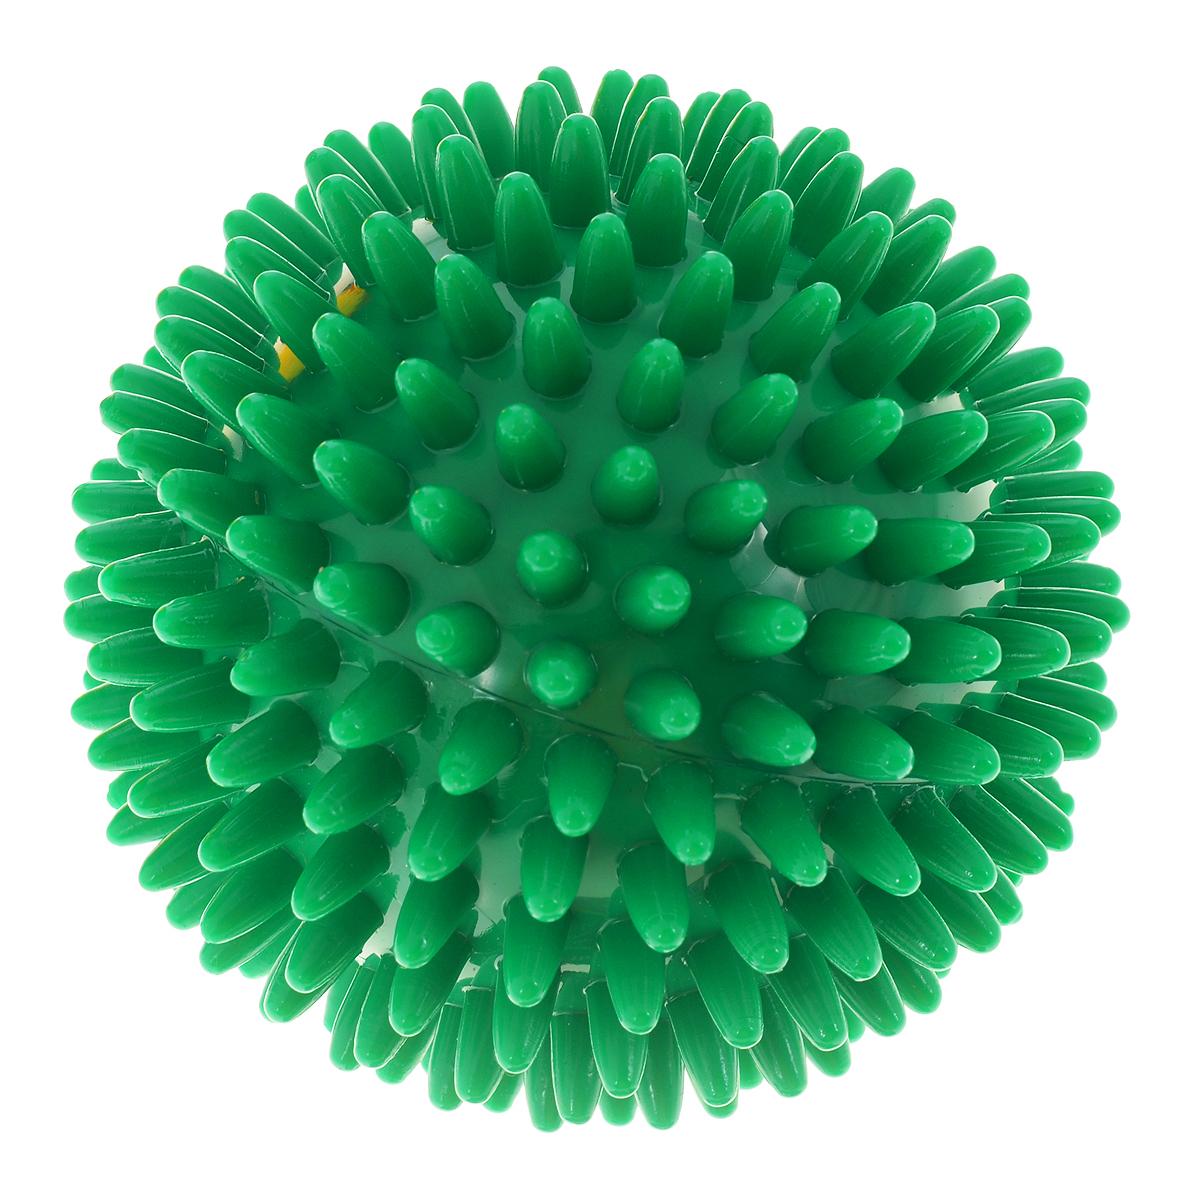 Игрушка для собак V.I.Pet Массажный мяч, цвет: зеленый, диаметр 9 см0120710Игрушка для собак V.I.Pet Массажный мяч, изготовленная из ПВХ, предназначена для массажа и самомассажа рефлексогенных зон. Она имеет мягкие закругленные массажные шипы, эффективно массирующие и не травмирующие кожу. Игрушка не позволит скучать вашему питомцу ни дома, ни на улице.Диаметр: 9 см.